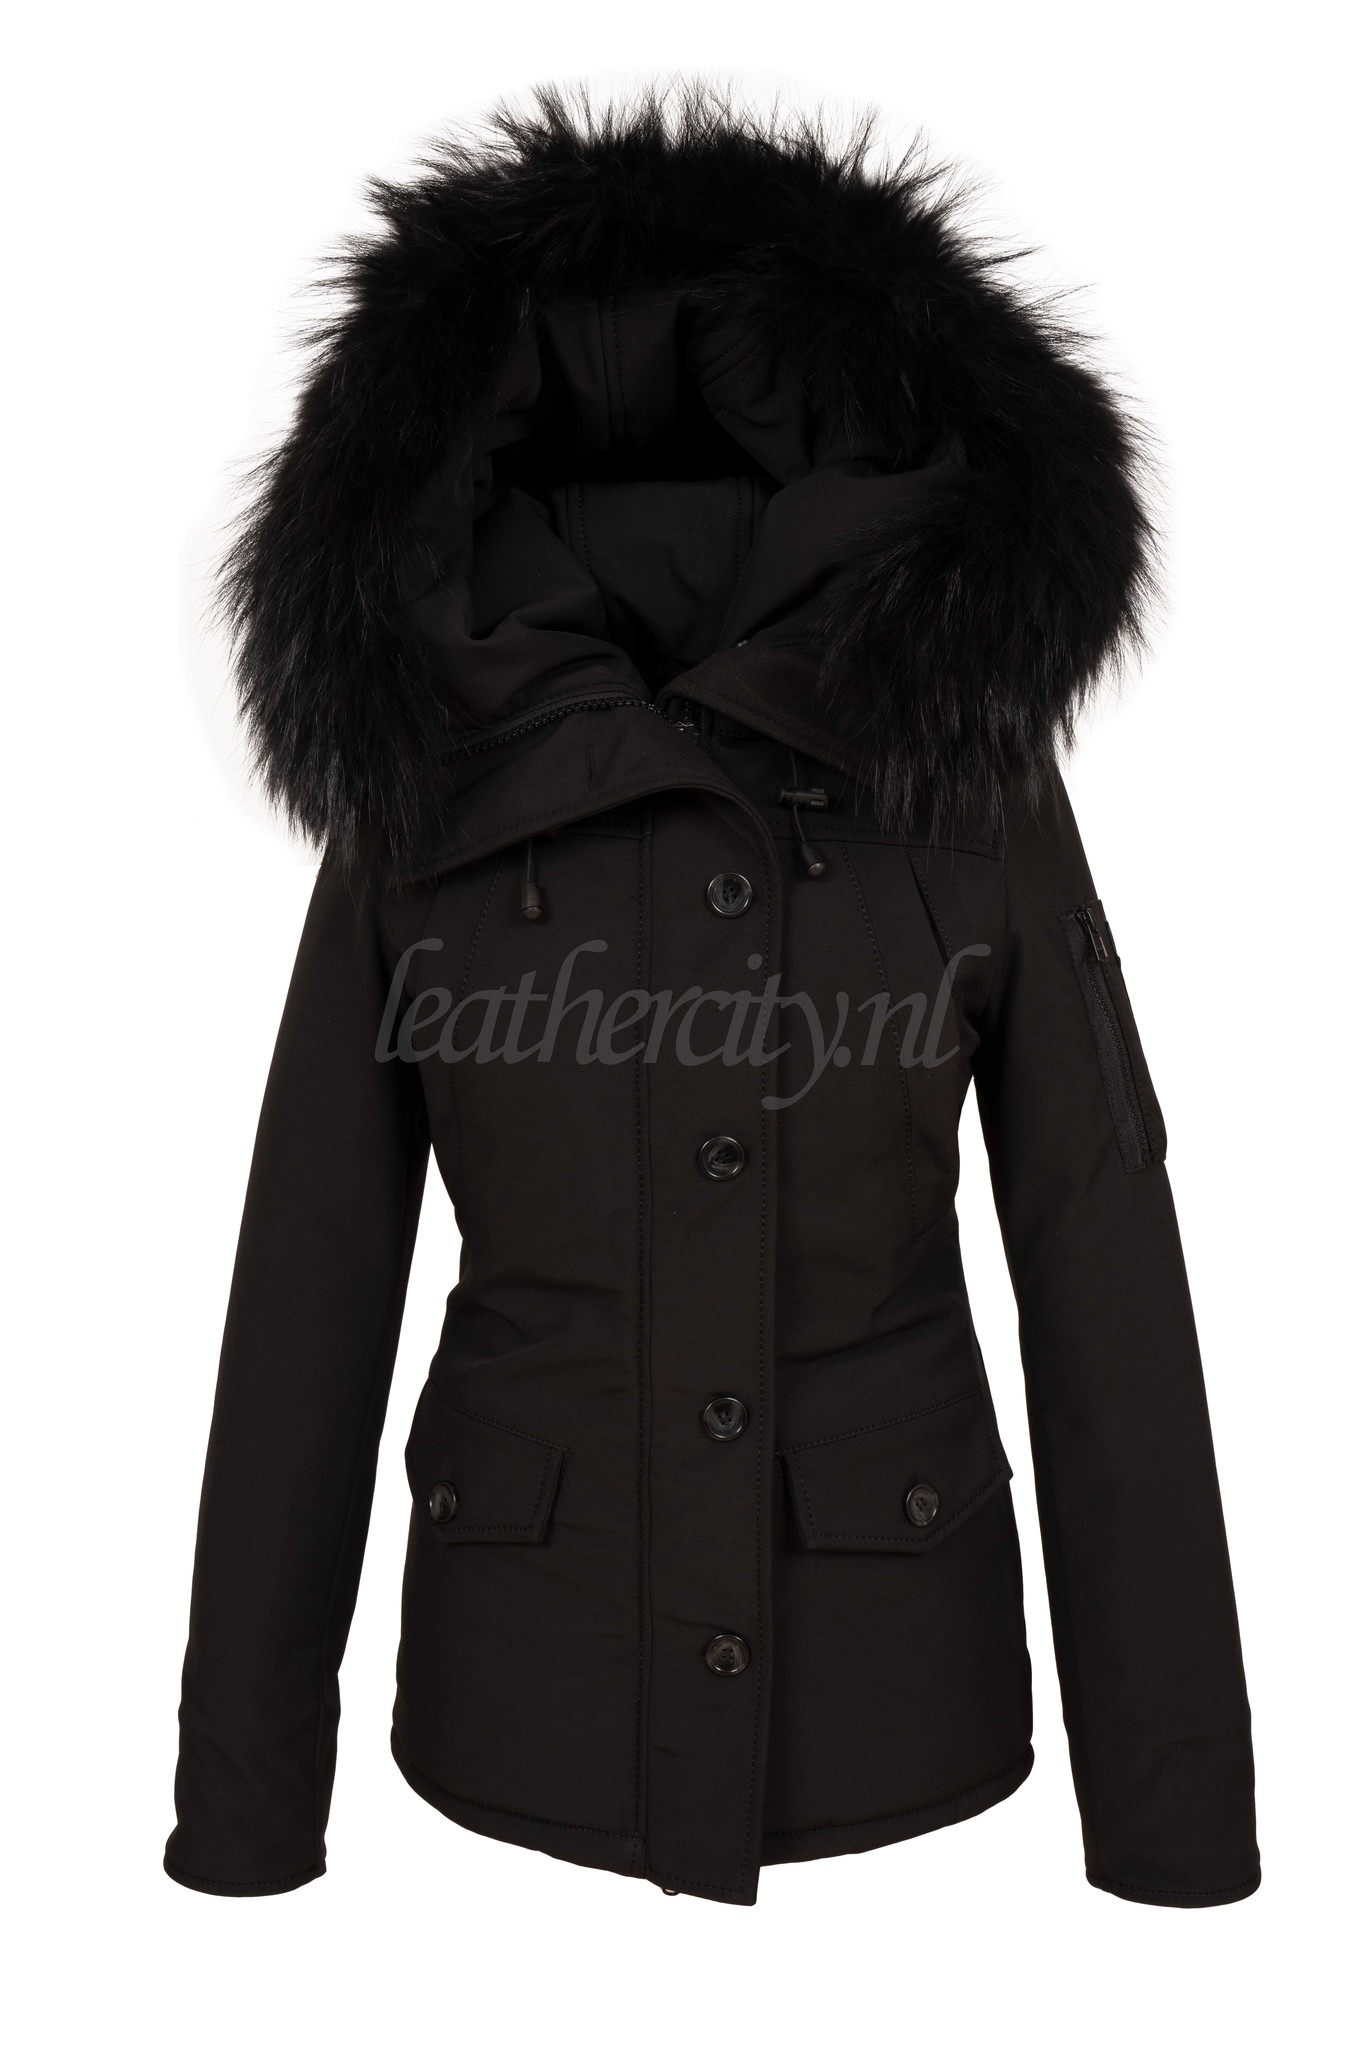 Dames winterjas canada 2 met zwart bont